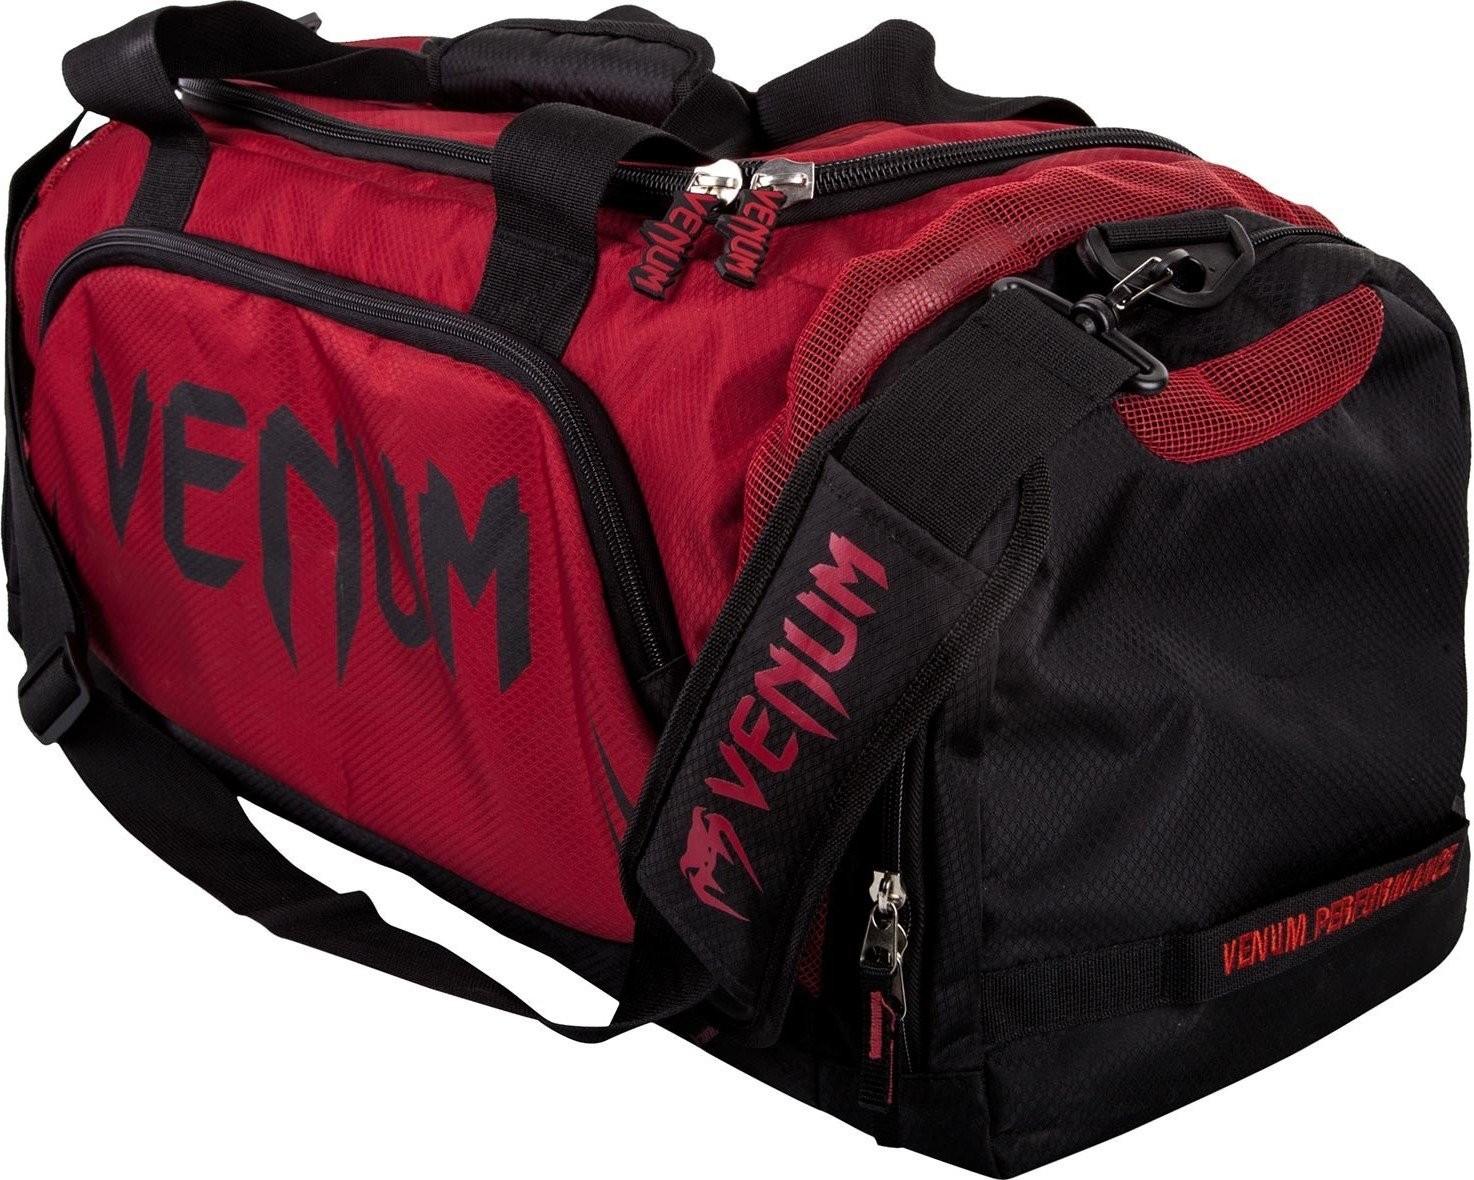 fb6c3a4dc426 Venum Trainer Lite Sport Bag – купить сумку дорожную, сравнение цен  интернет-магазинов: фото, характеристики, описание | E-Katalog